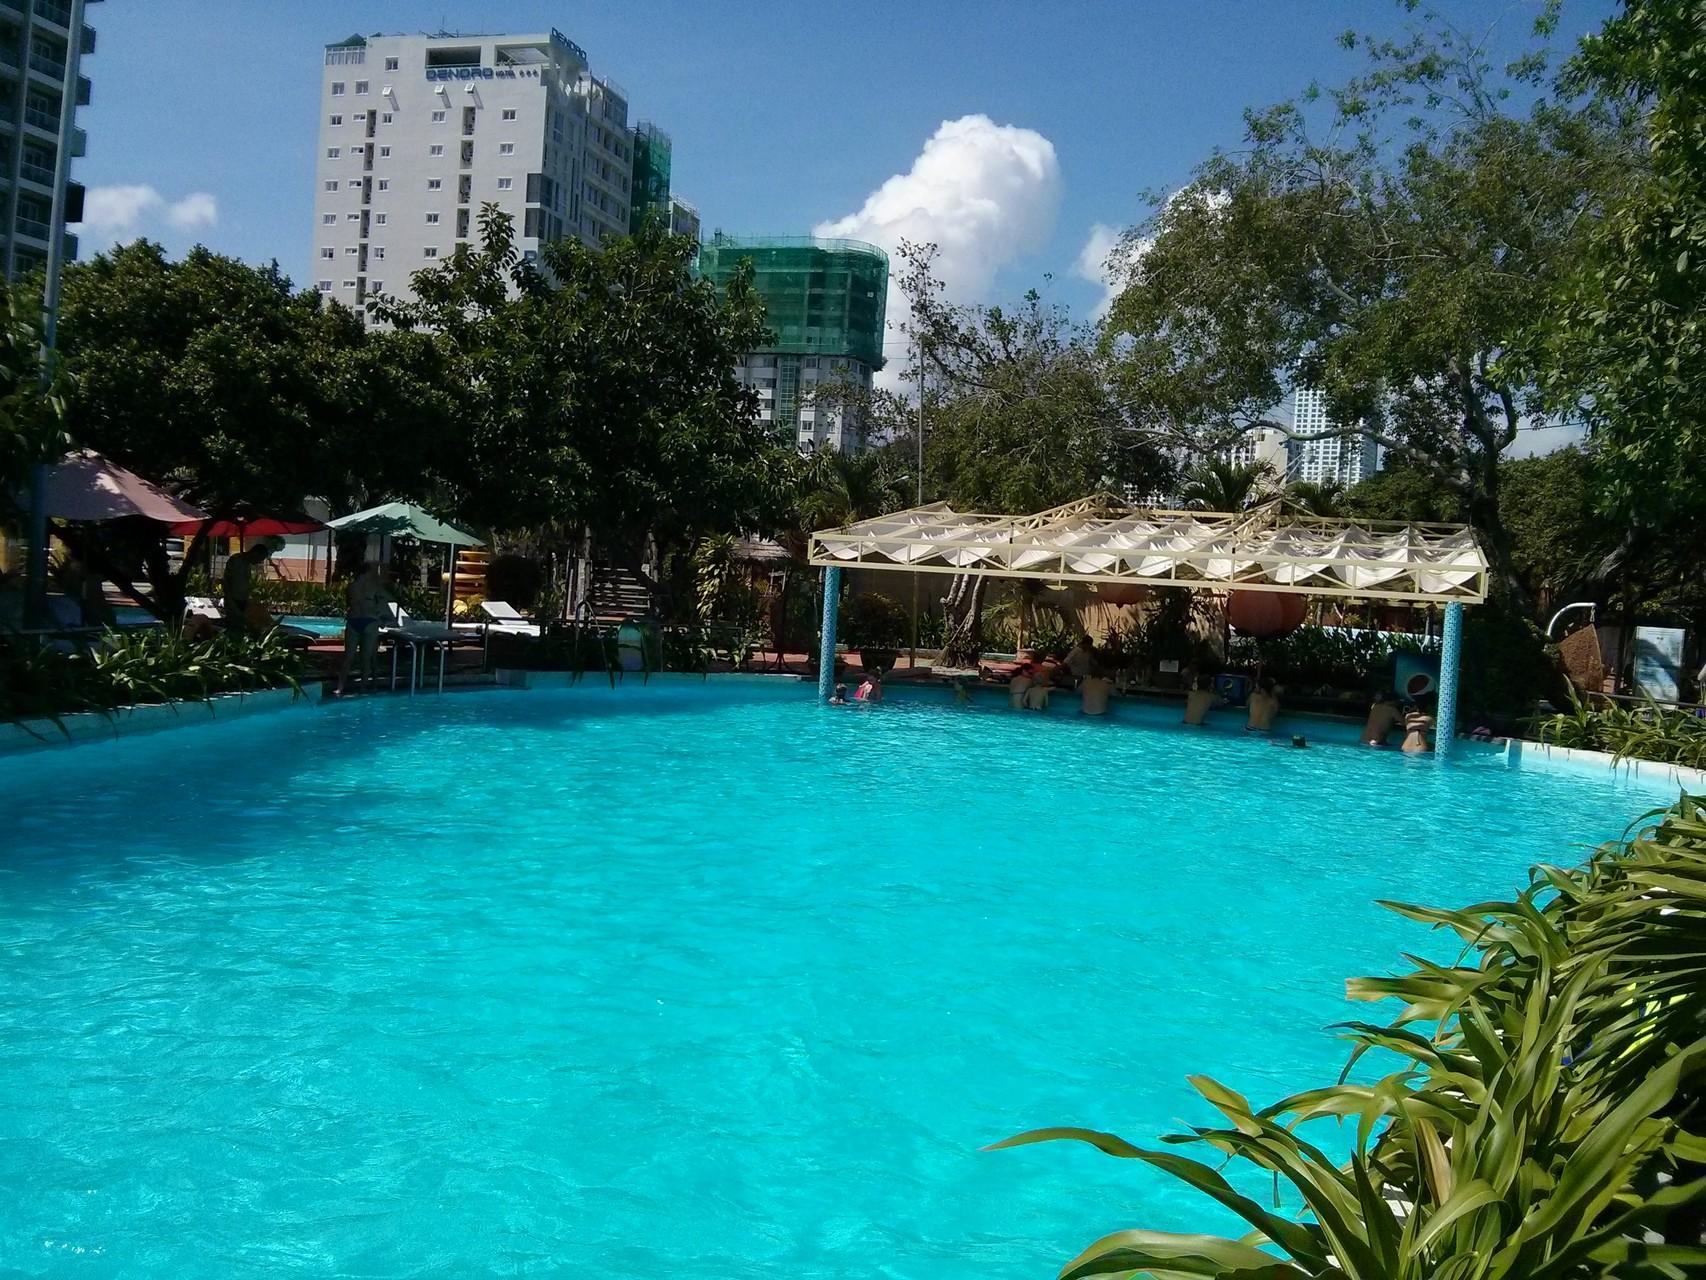 Nha Trang Central Park pool